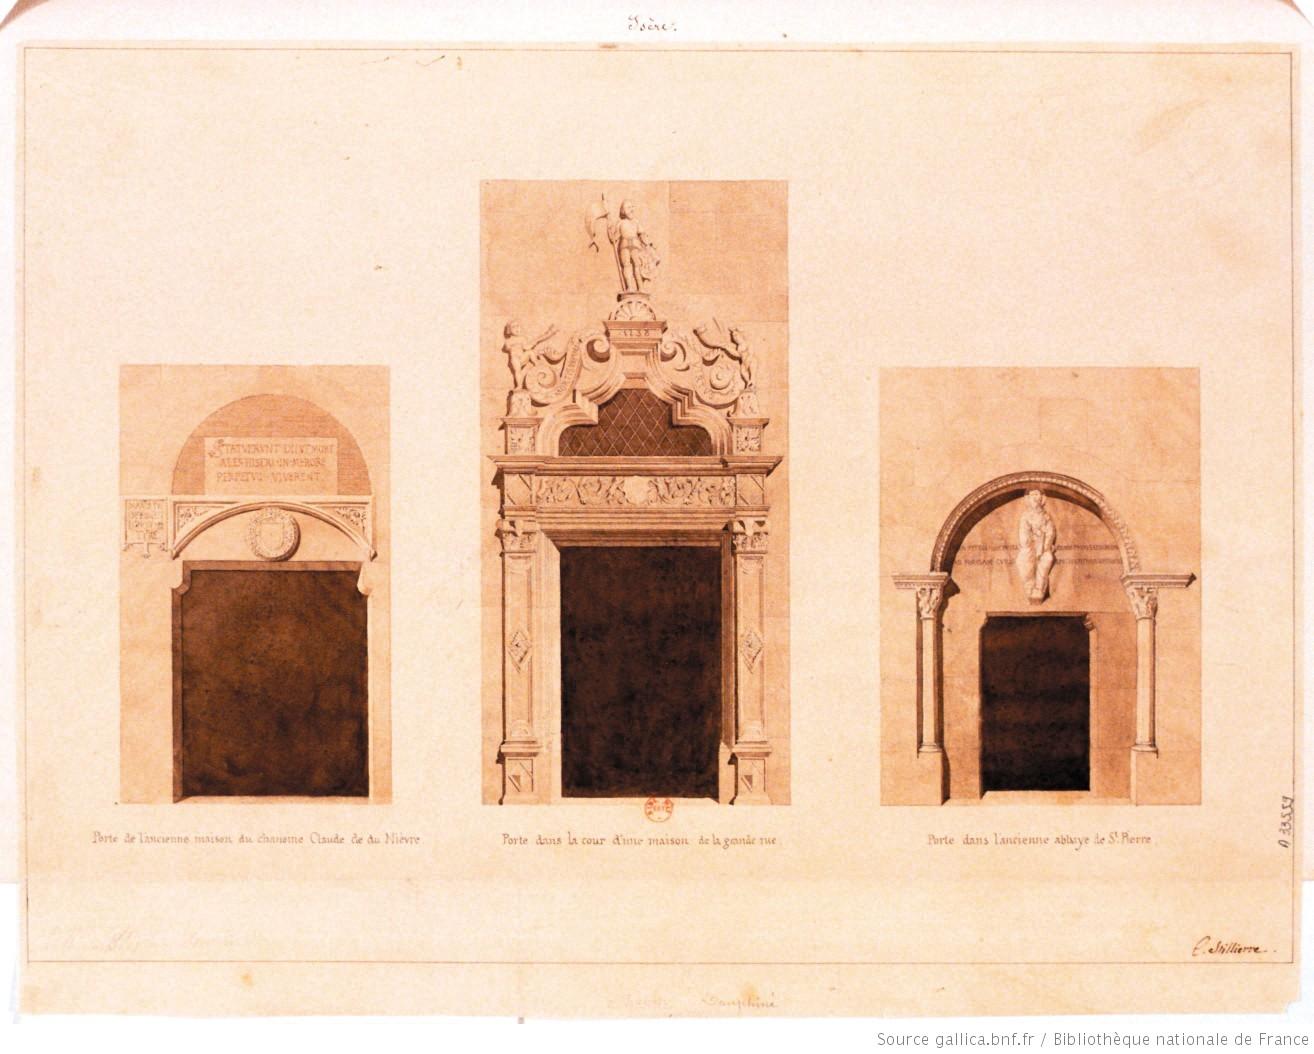 A vienne porte de l 39 ancienne maison du chanoine claude de for Porte de cour